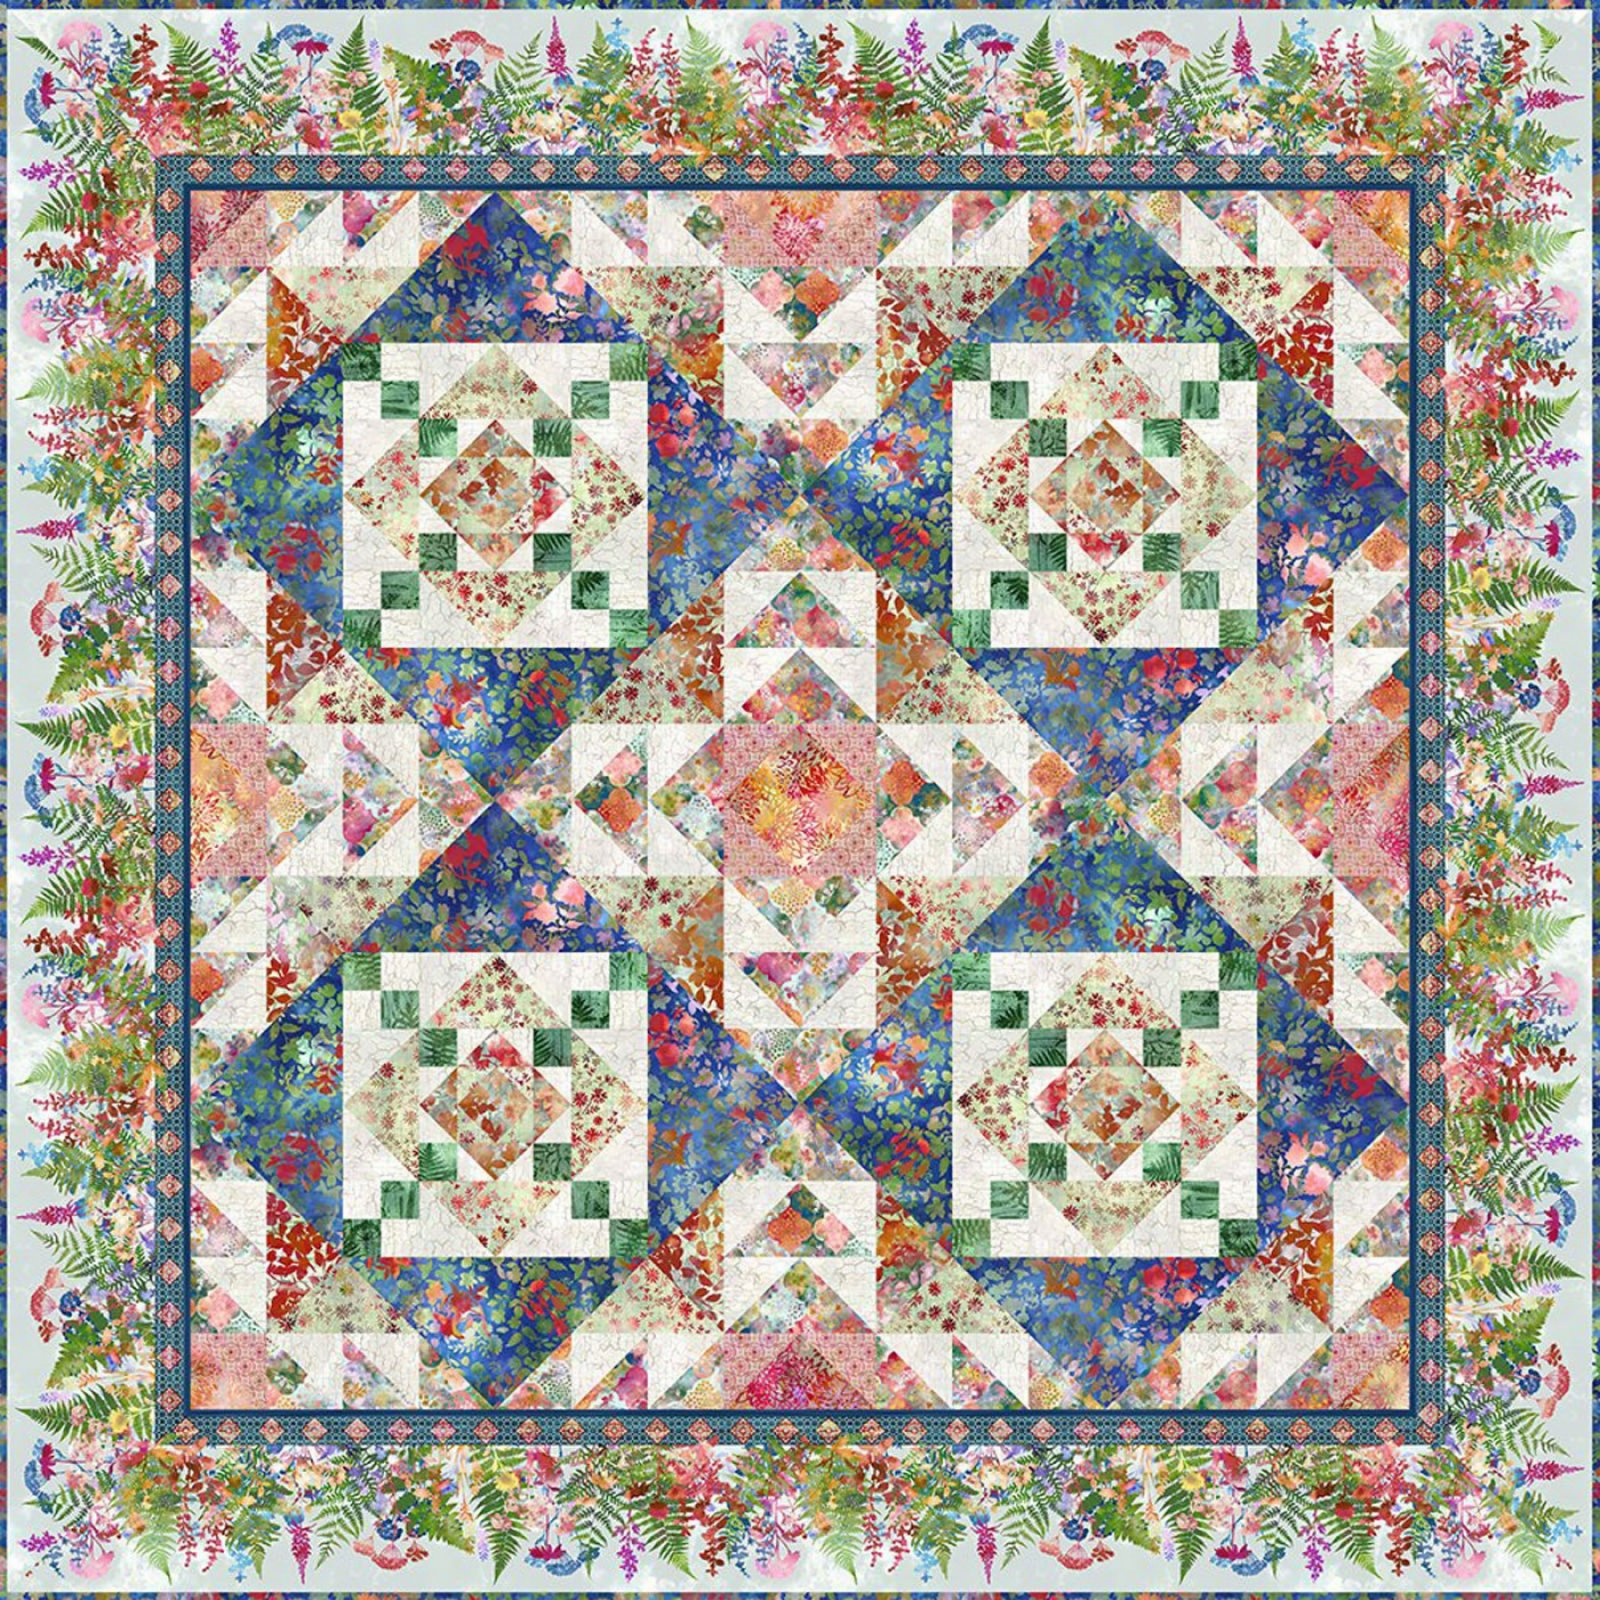 Harmonious Quilt Pattern - In The Beginning/Jason Yenter -  HVN-H